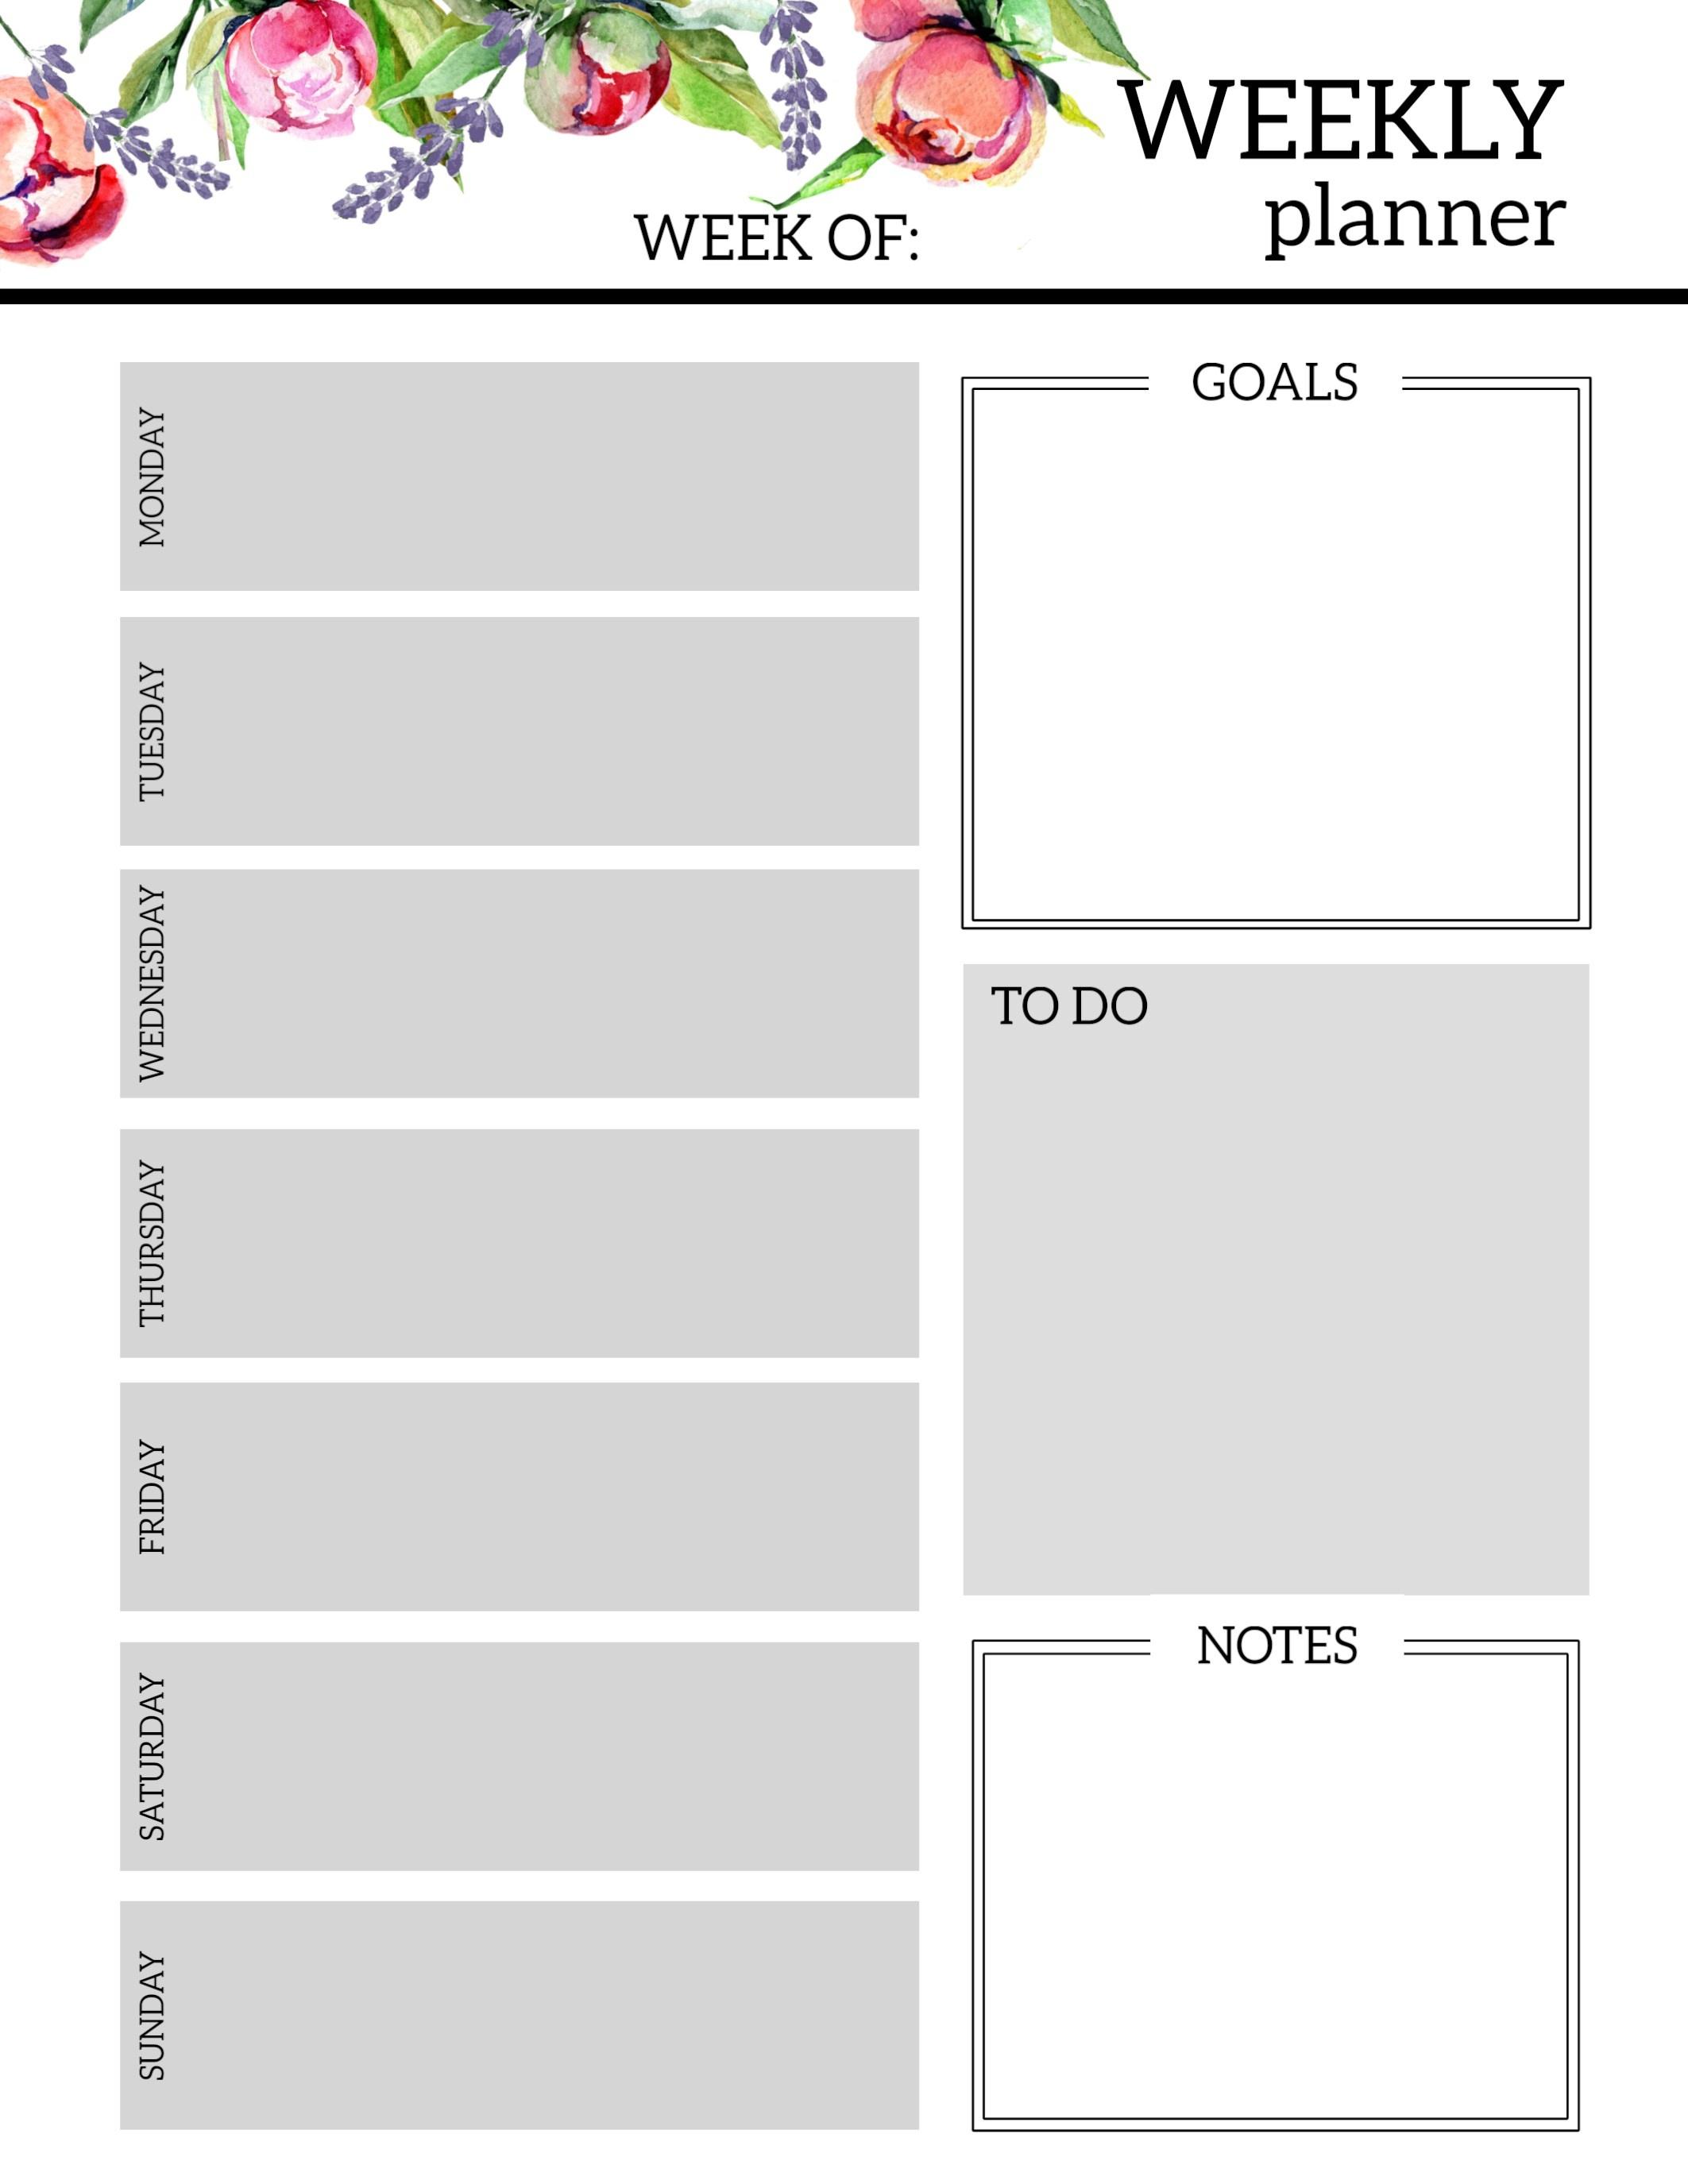 Floral Free Printable Weekly Planner Template - Paper Trail Design - Free Printable Templates